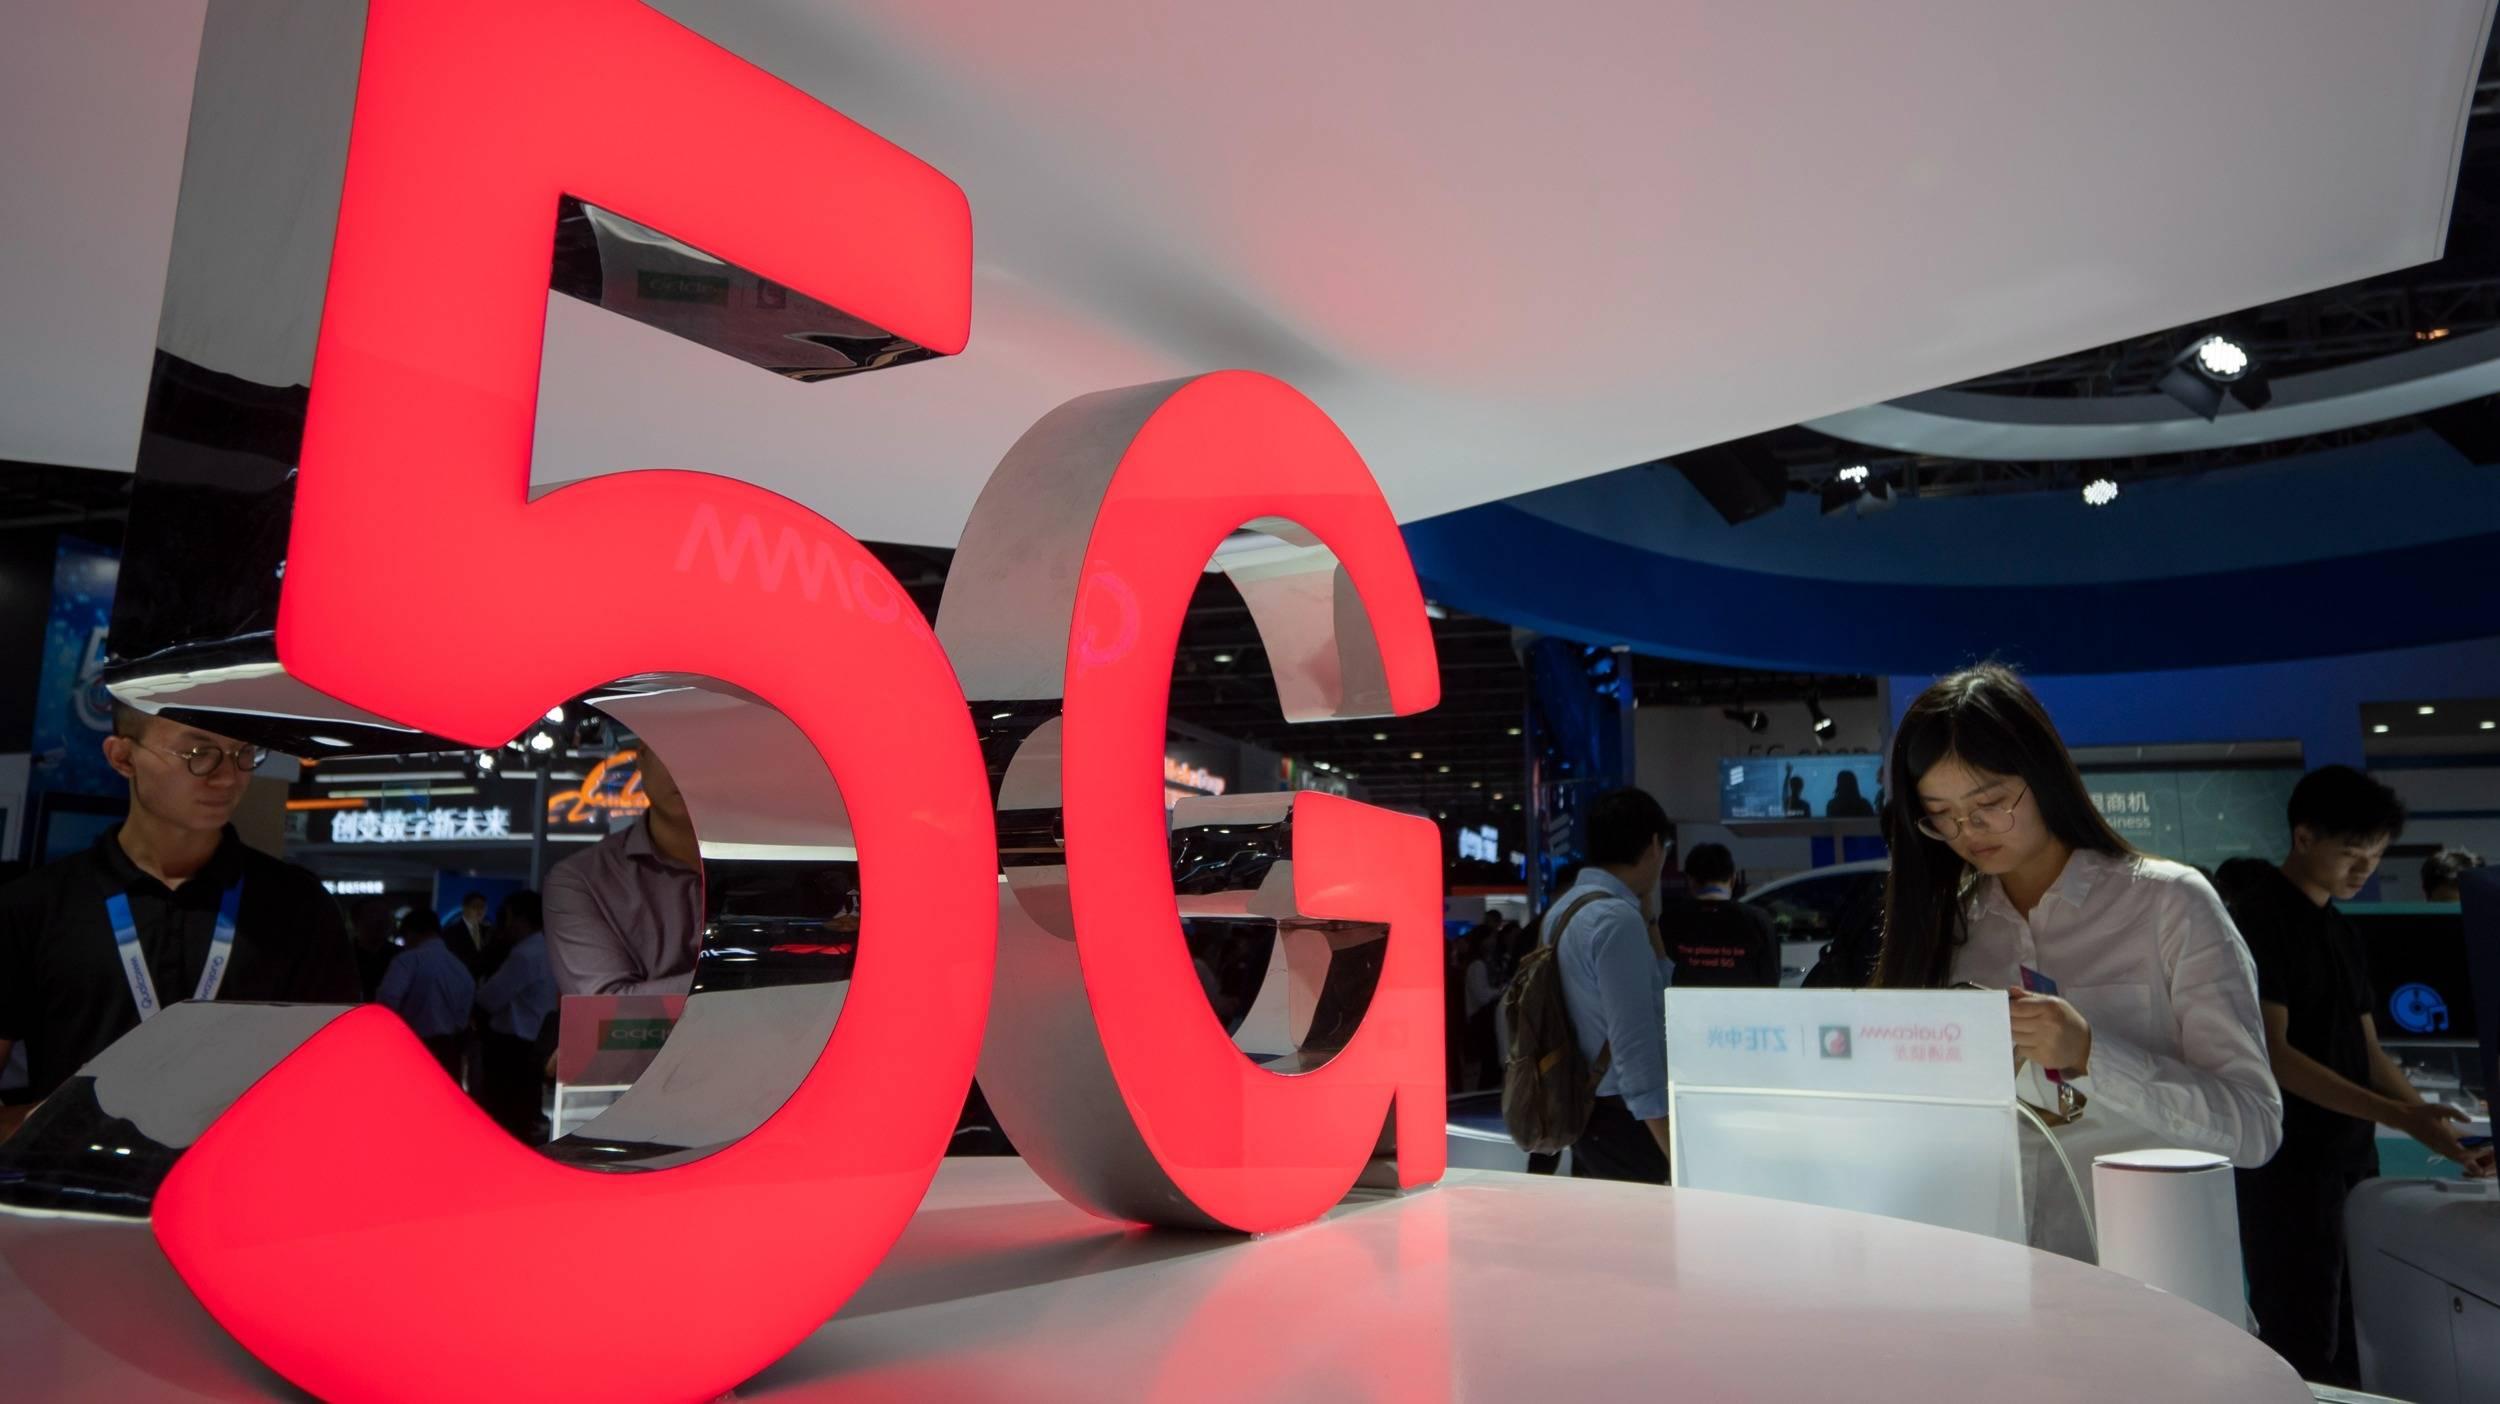 【虎嗅早报】传5G商用牌照将于今日发放;科创板首批上会三家企业全部通过